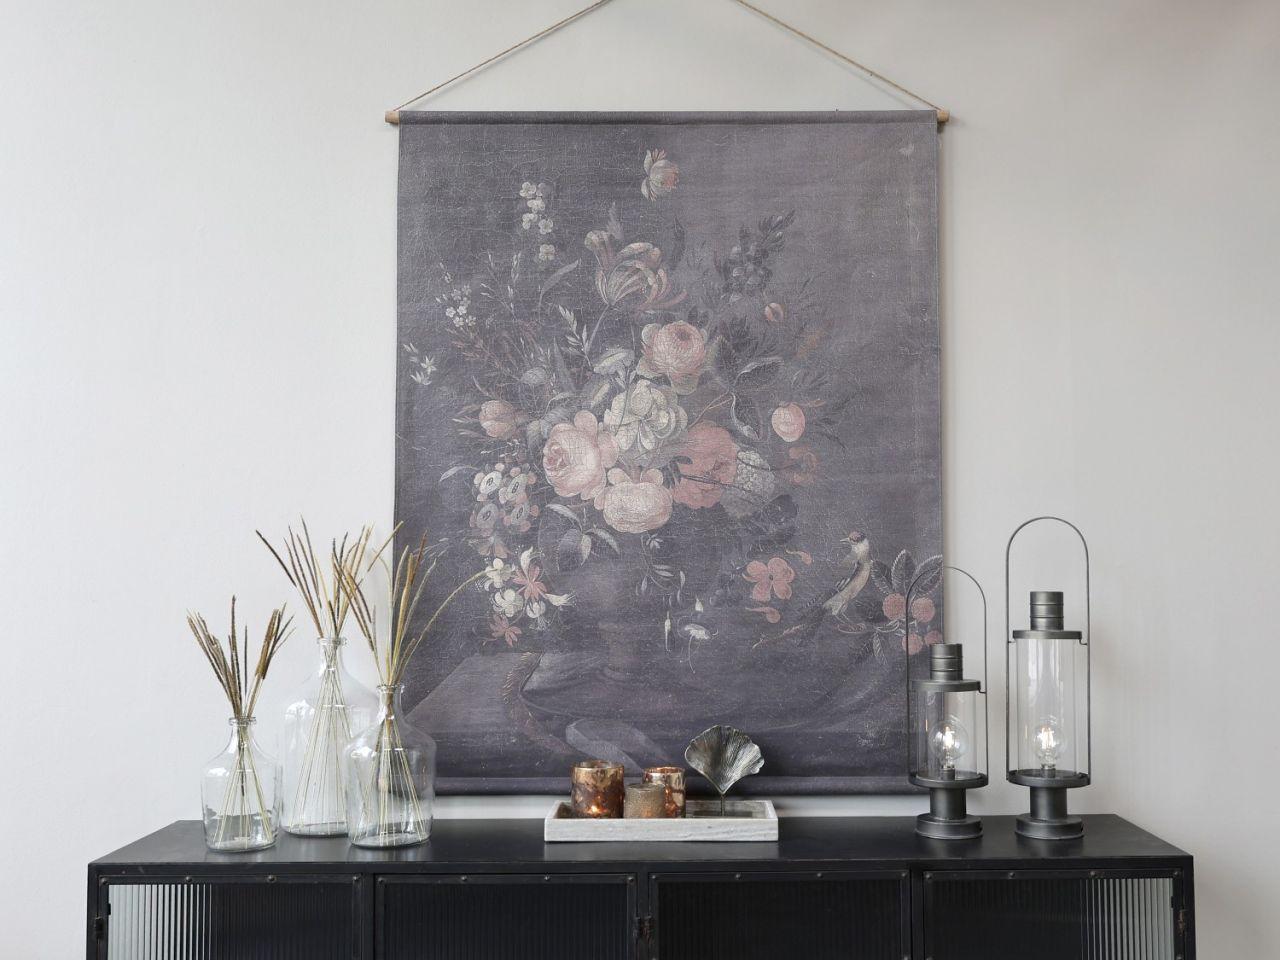 -Leinwandbild zum Aufhängen mit Blumendruck Variante 1g von Chic Antique-